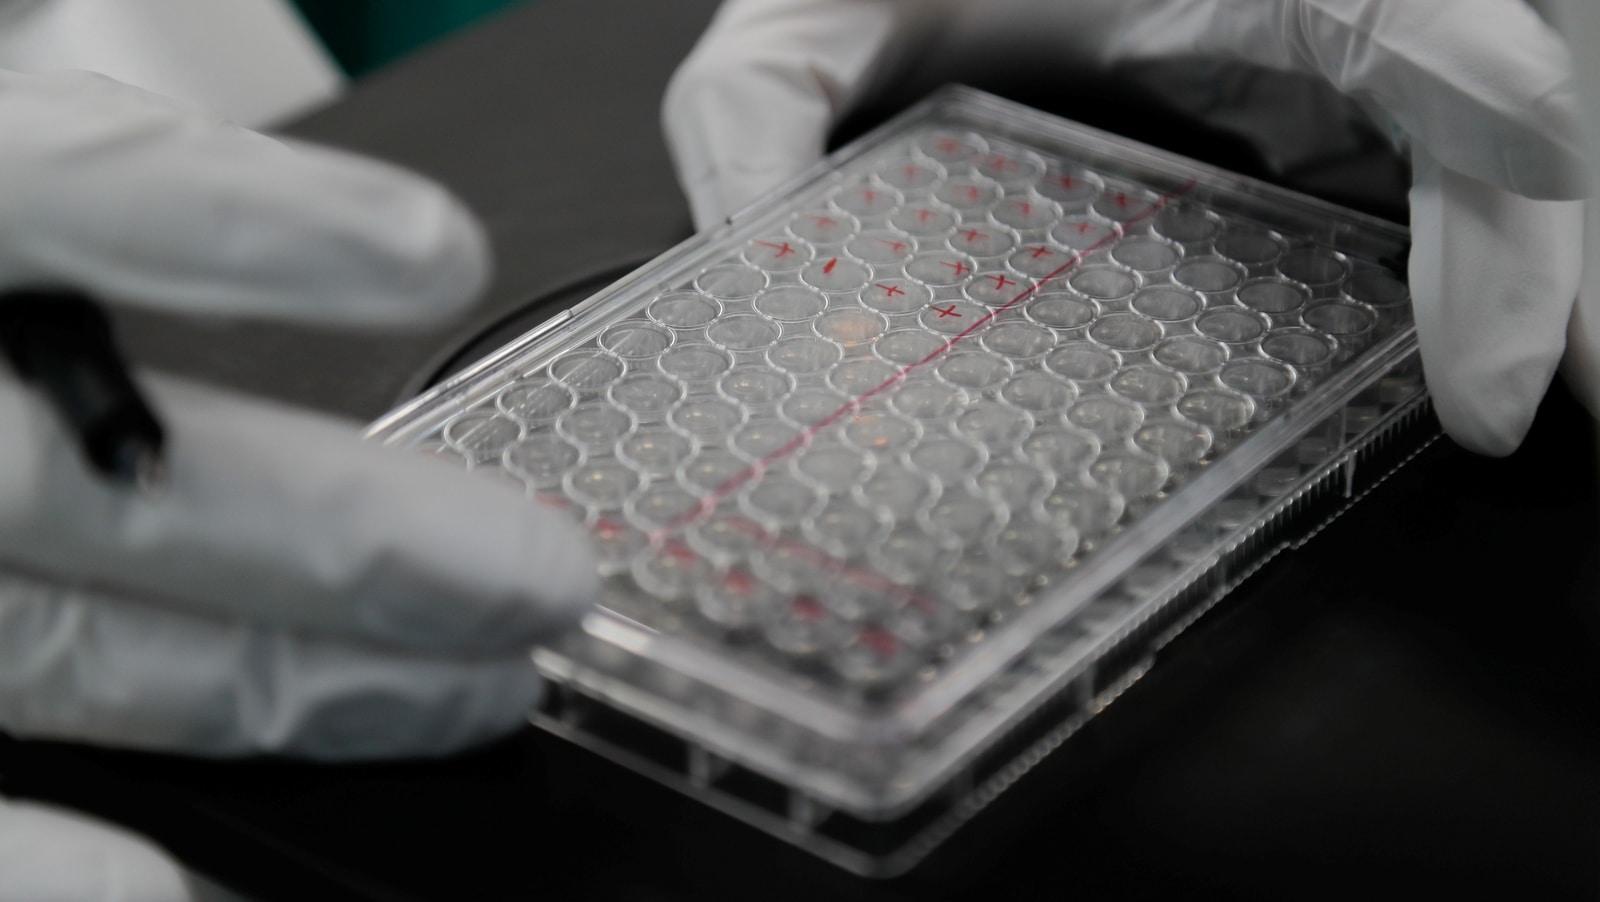 Nước Mỹ vừa mua 400 triệu liều vaccine phòng ngừa virus corona có thể sẽ… chẳng bao giờ tồn tại